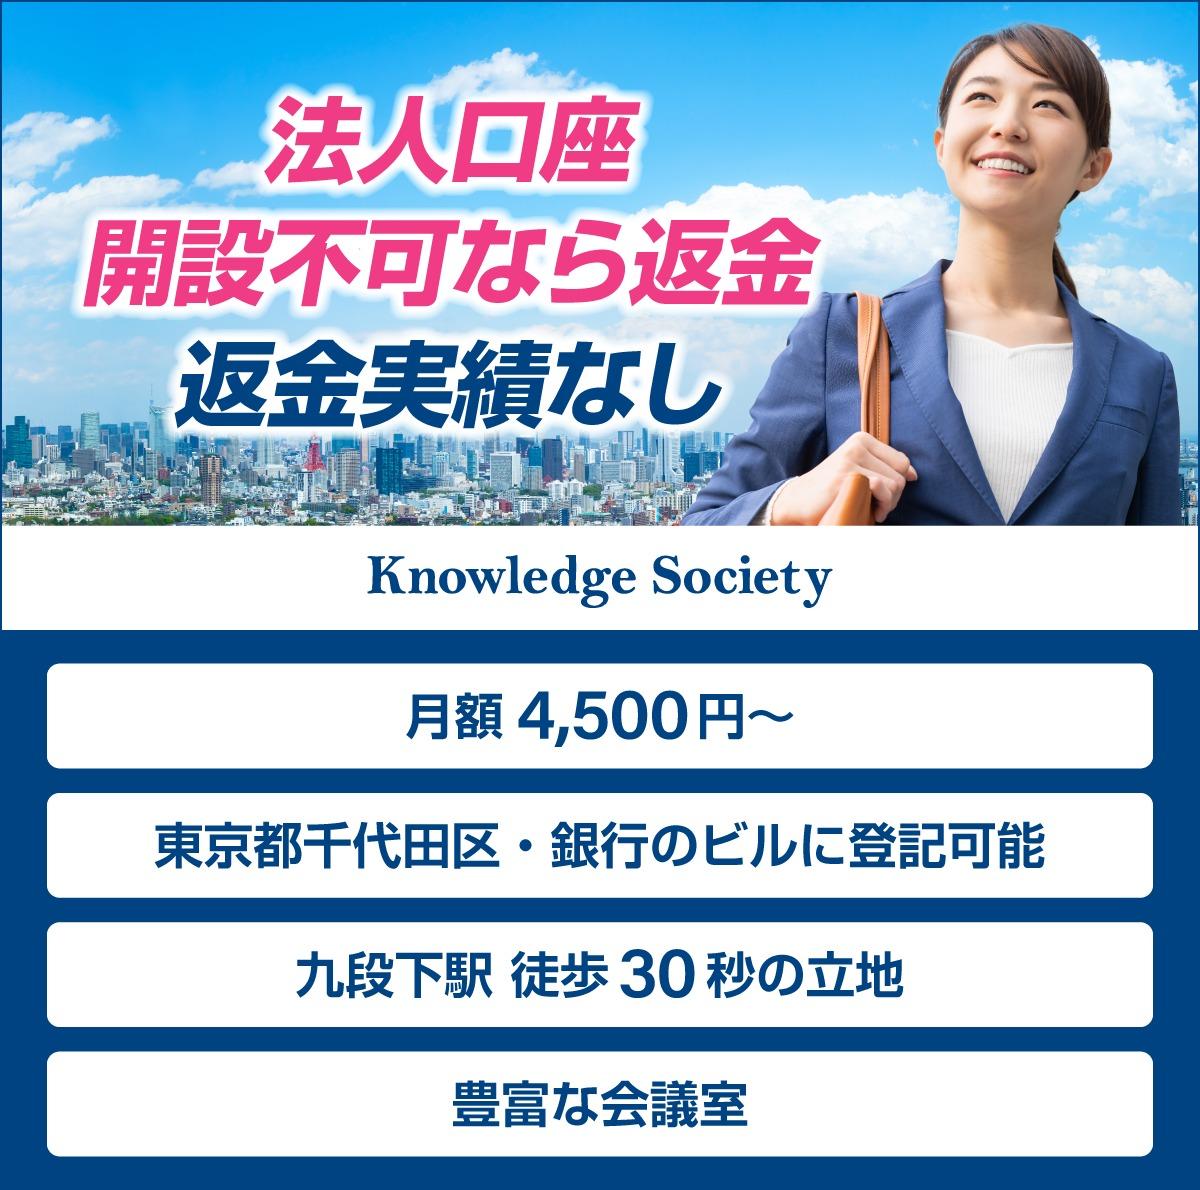 【第4回】週休4日制正社員向け経営勉強会レポート~ビジネスコンテスト~